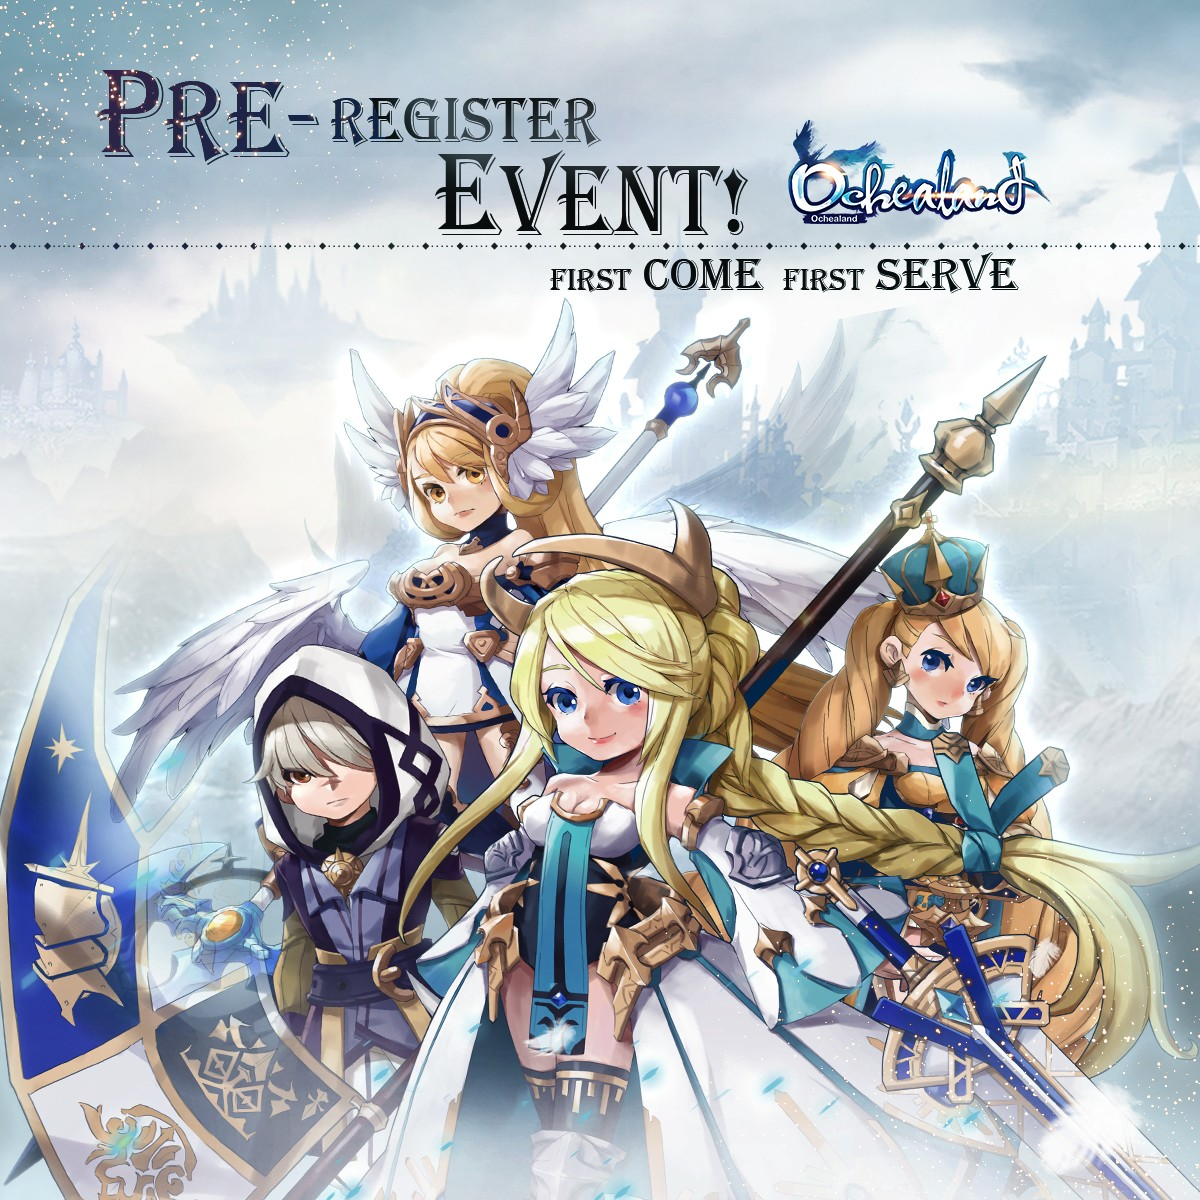 Pre-RegisterEvent-1200x1200.jpg